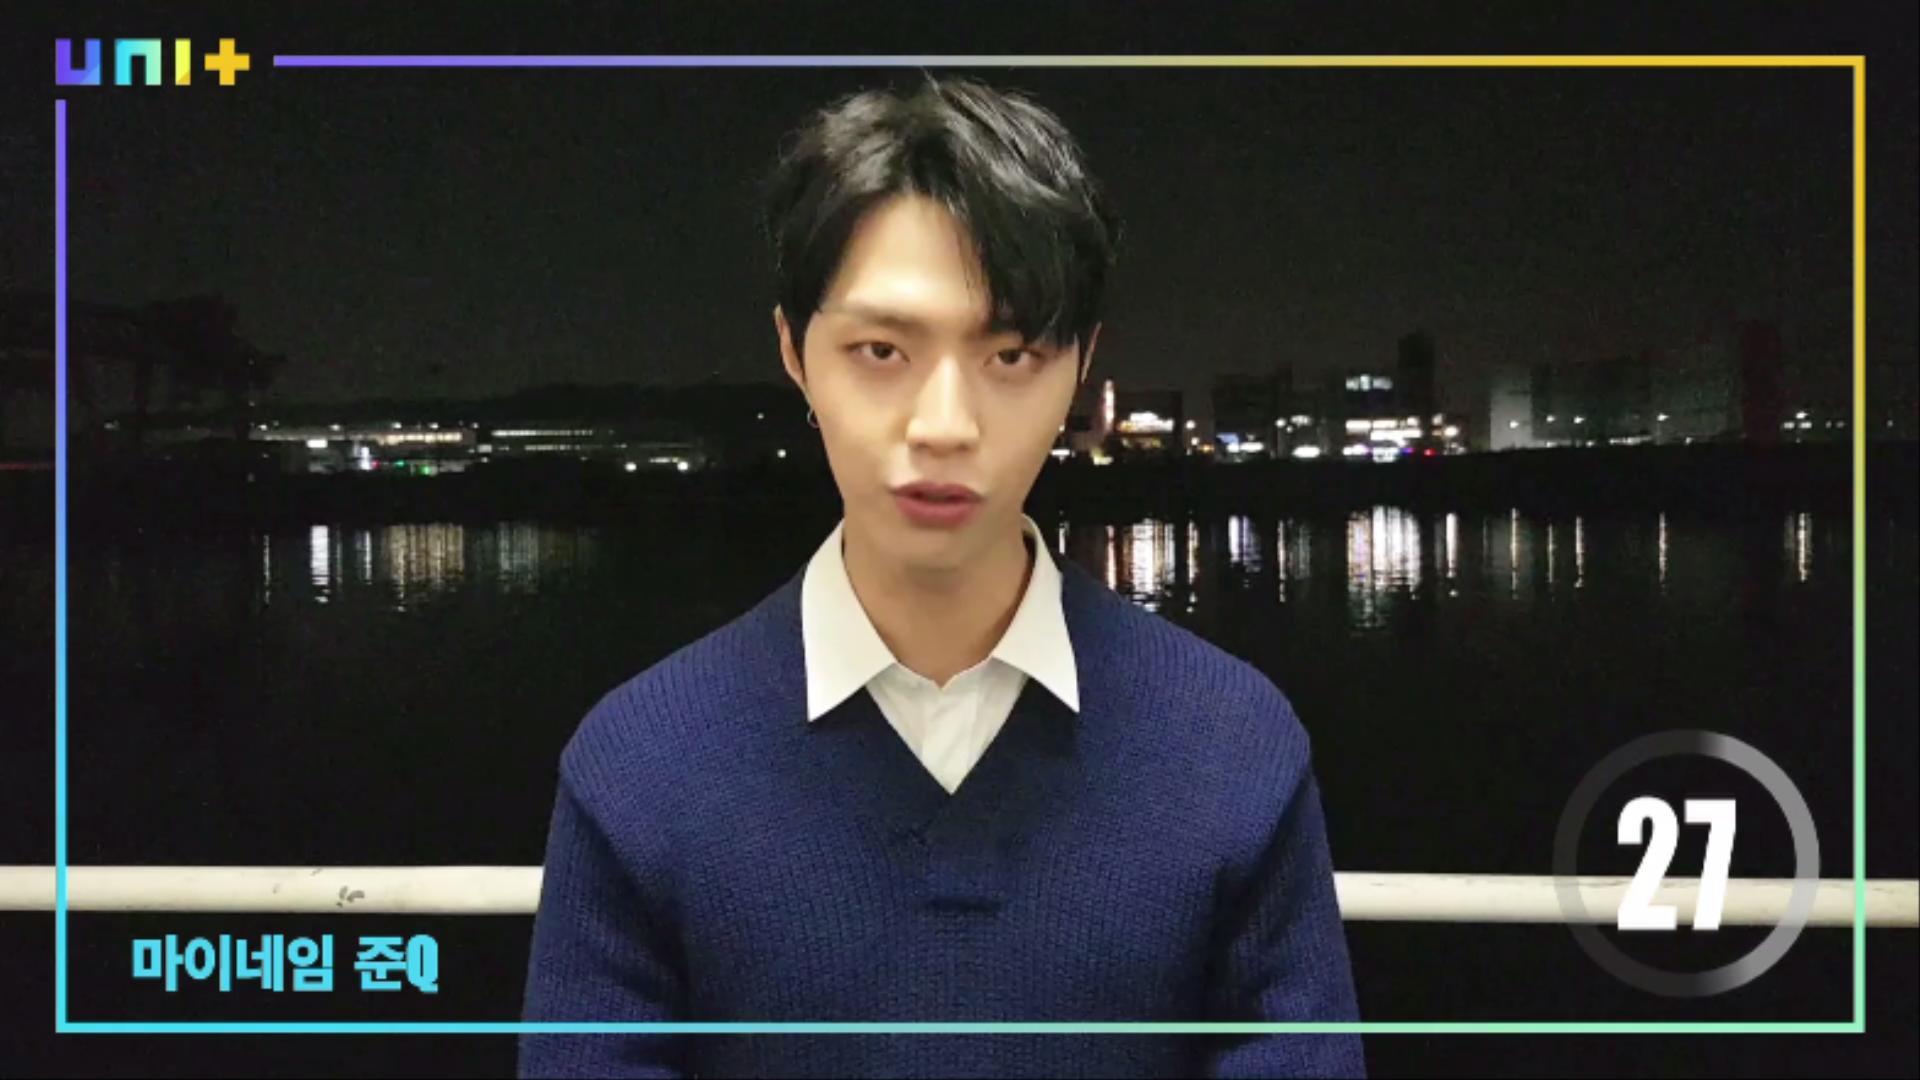 [99초 셀프 PR] 마이네임 준Q